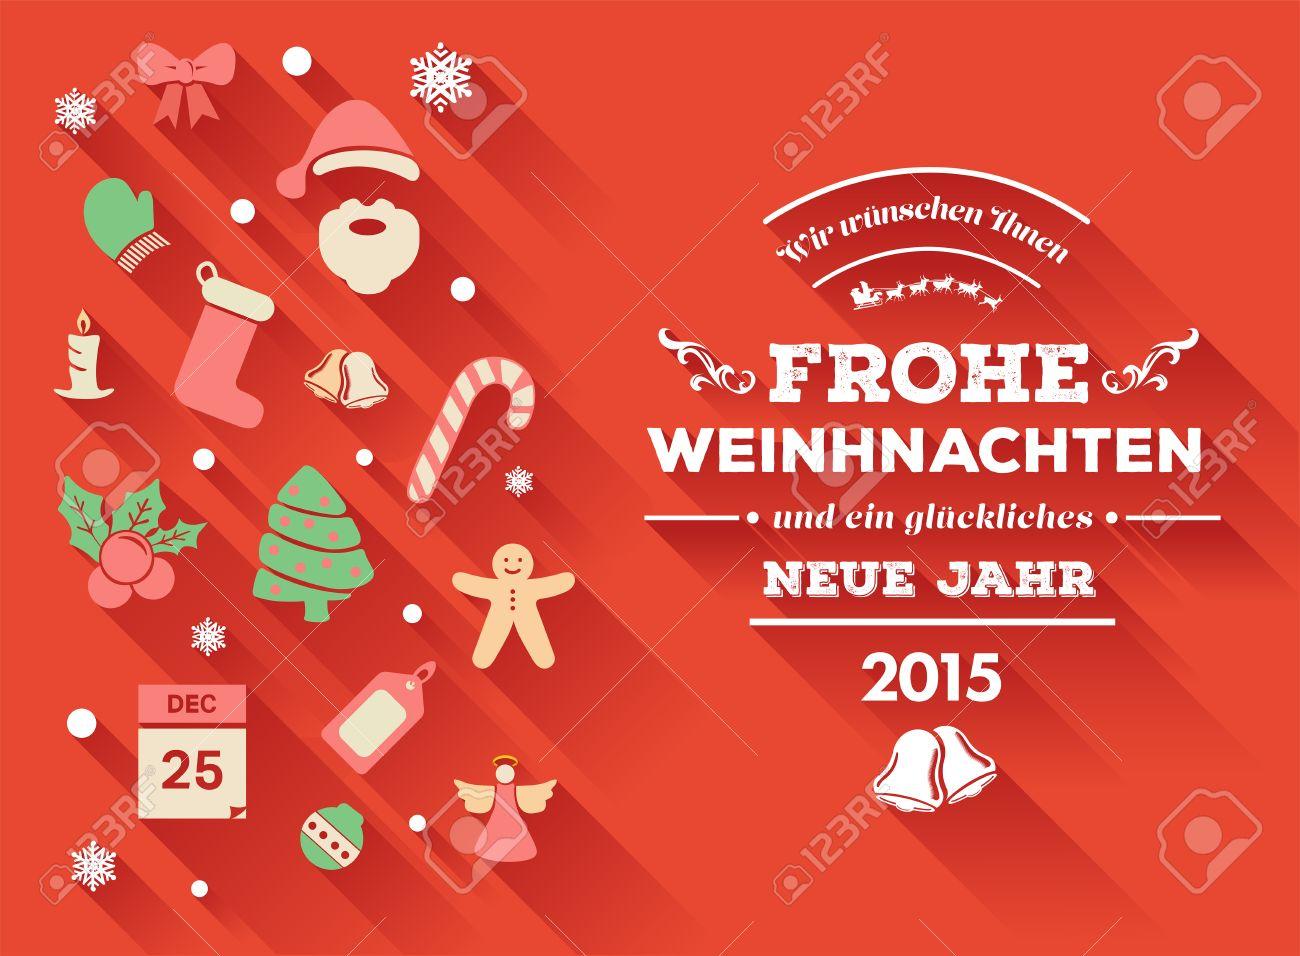 Frohe weihnachten message